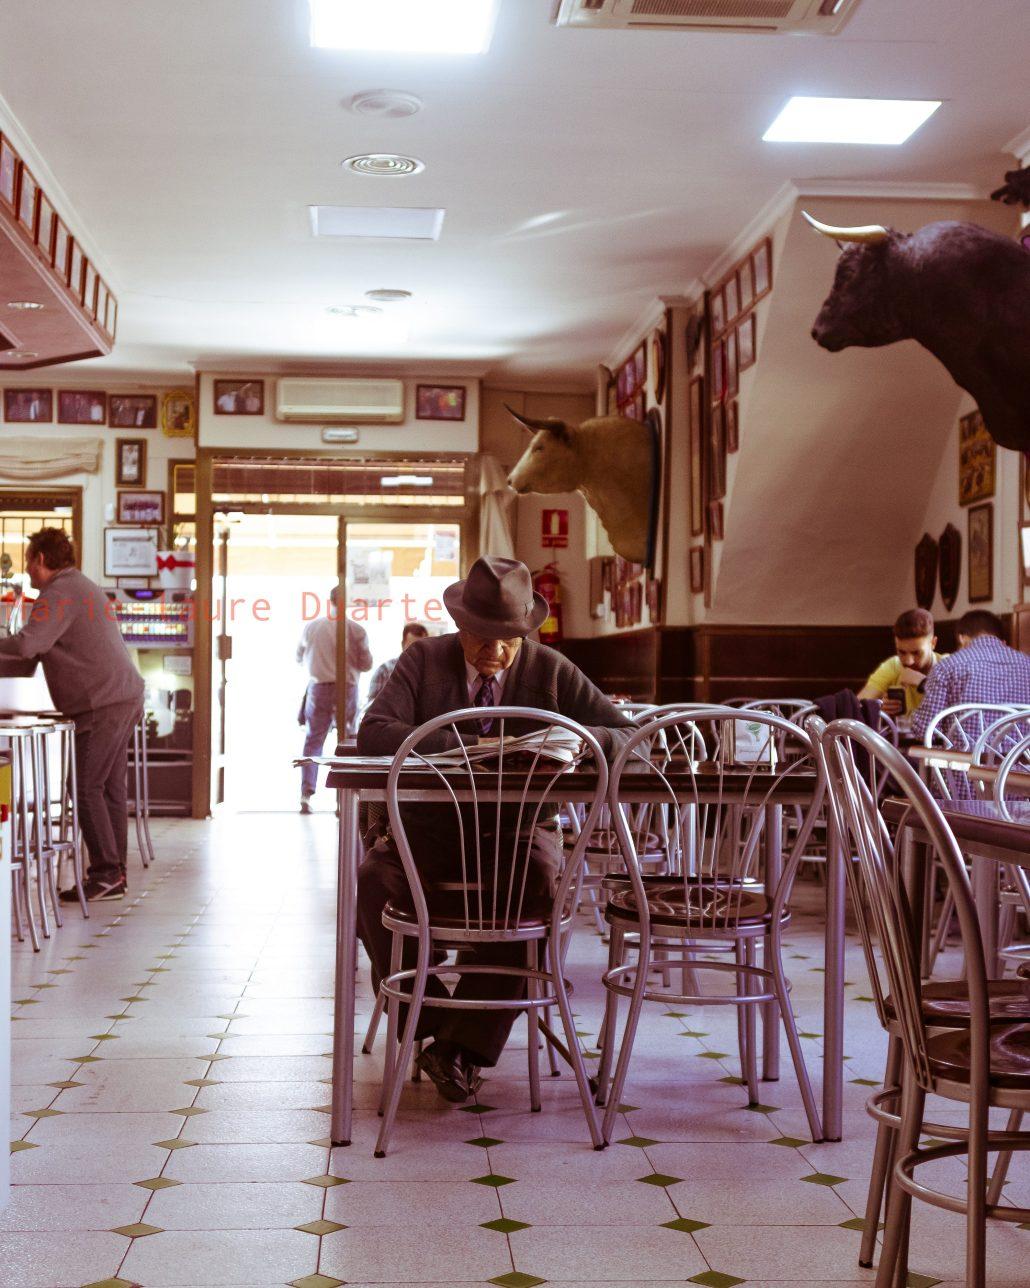 Le café de la place de l'église. La Vall d'Uixo Espagne 2019